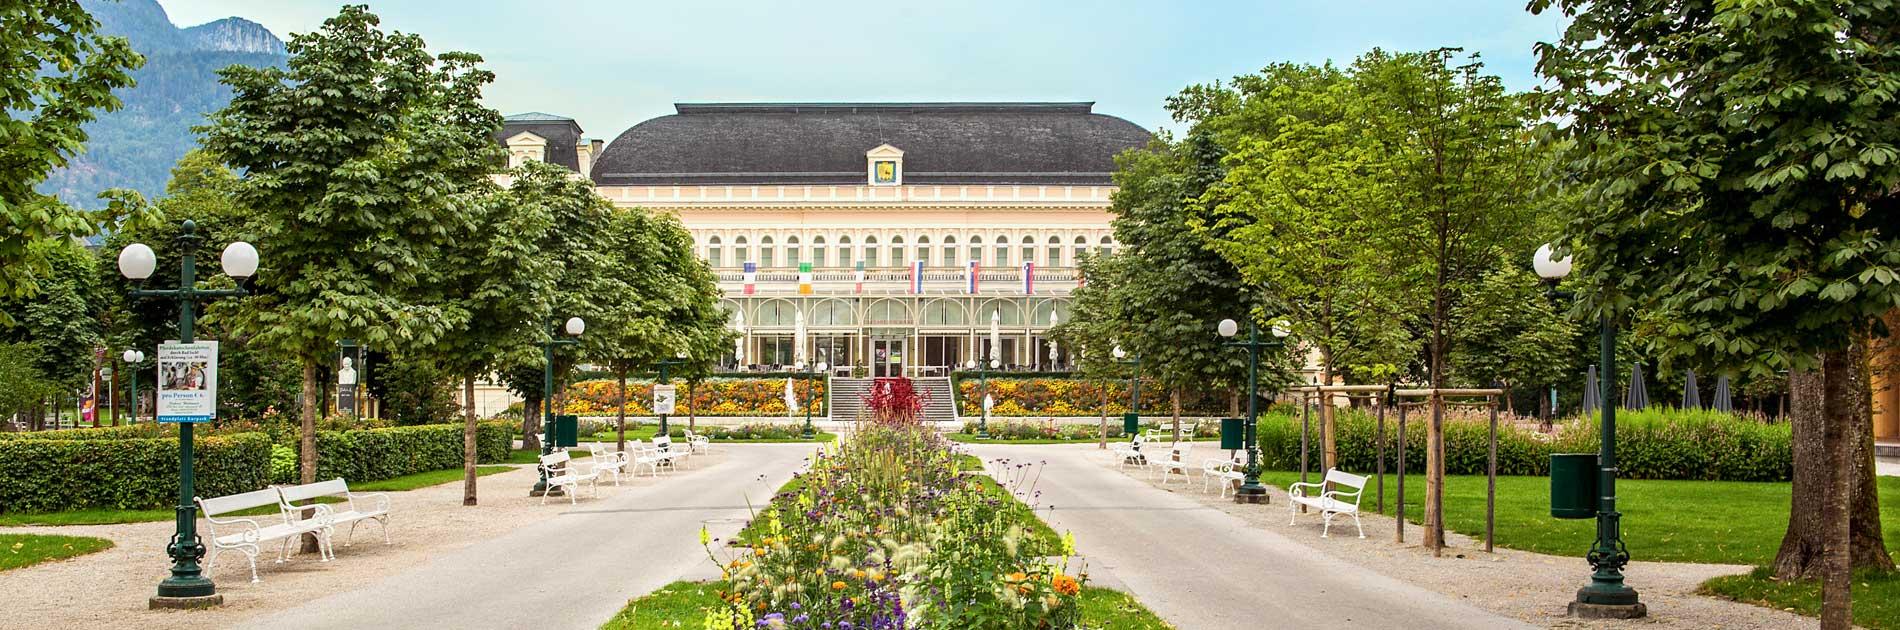 Kongress & Theaterhaus im Kurpark von Bad Ischl